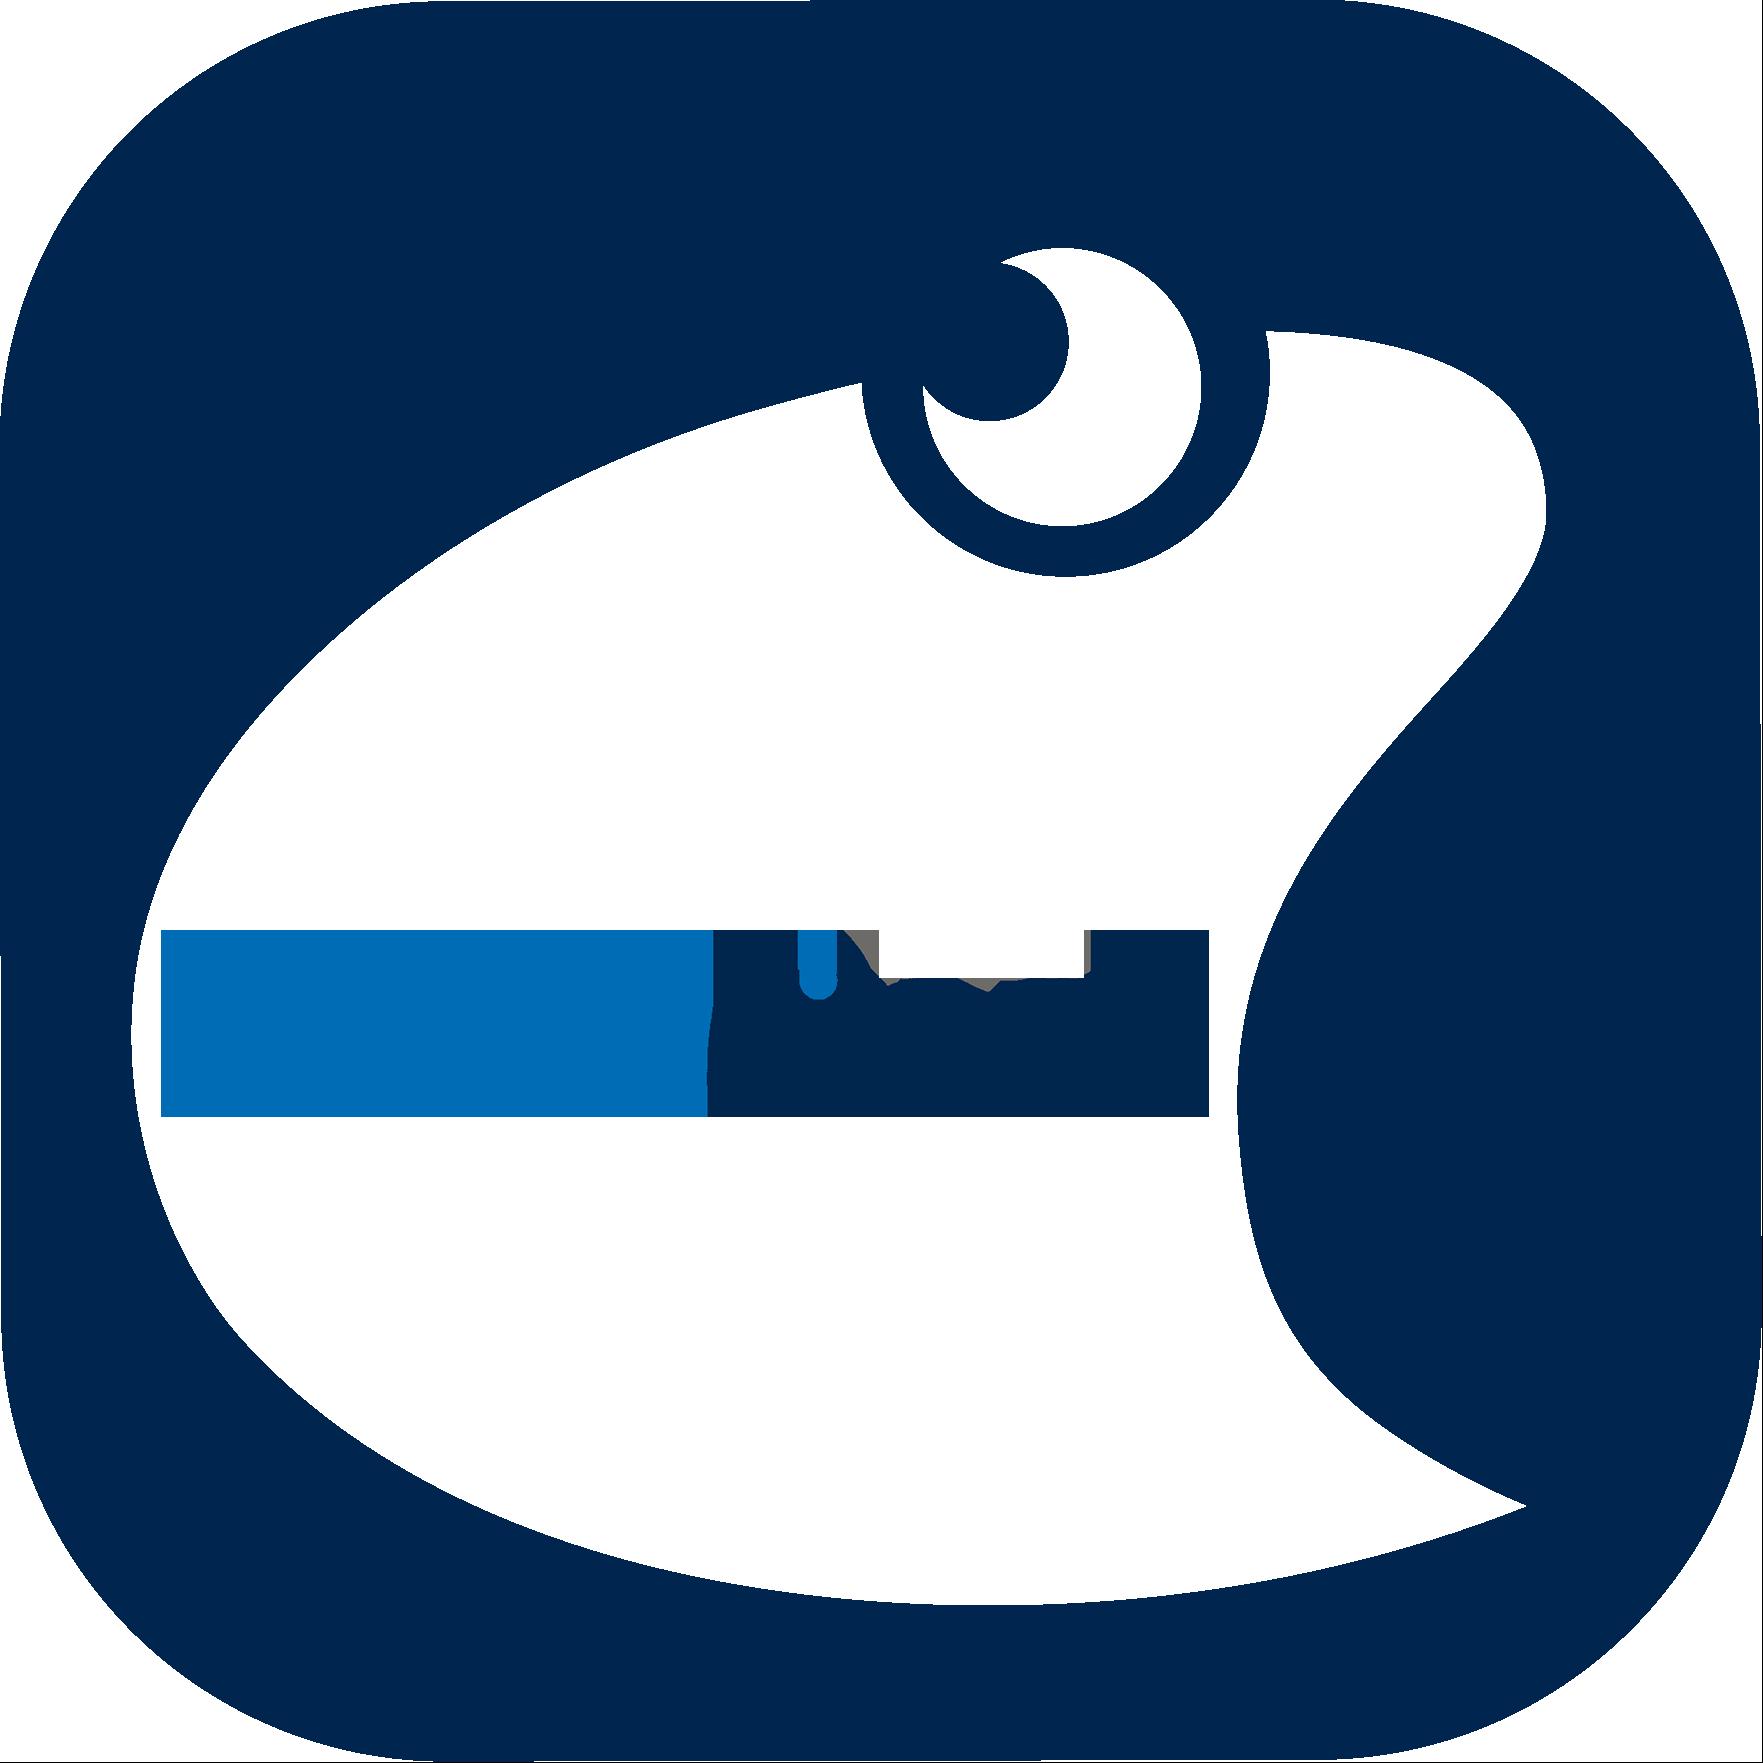 videocash/ビデオキャッシュ